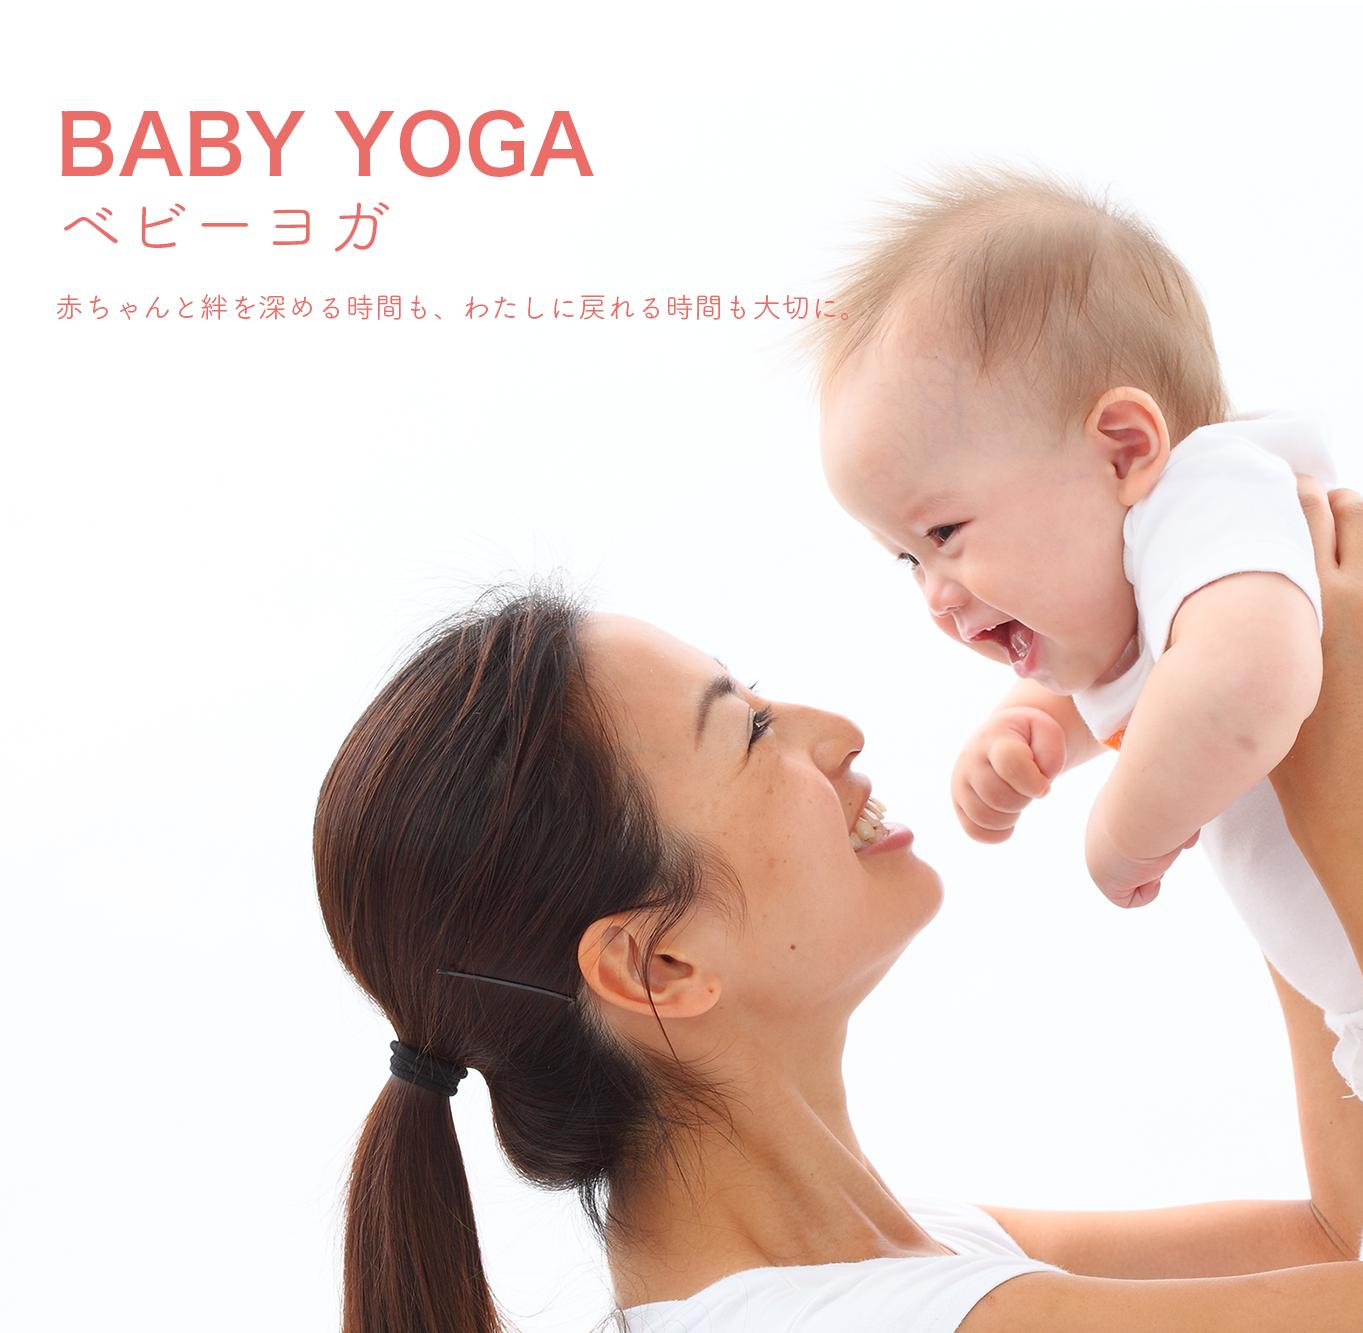 BABY YOGA ベビーヨガ 赤ちゃんと絆を深める時間も、わたしに戻れる時間も大切に。